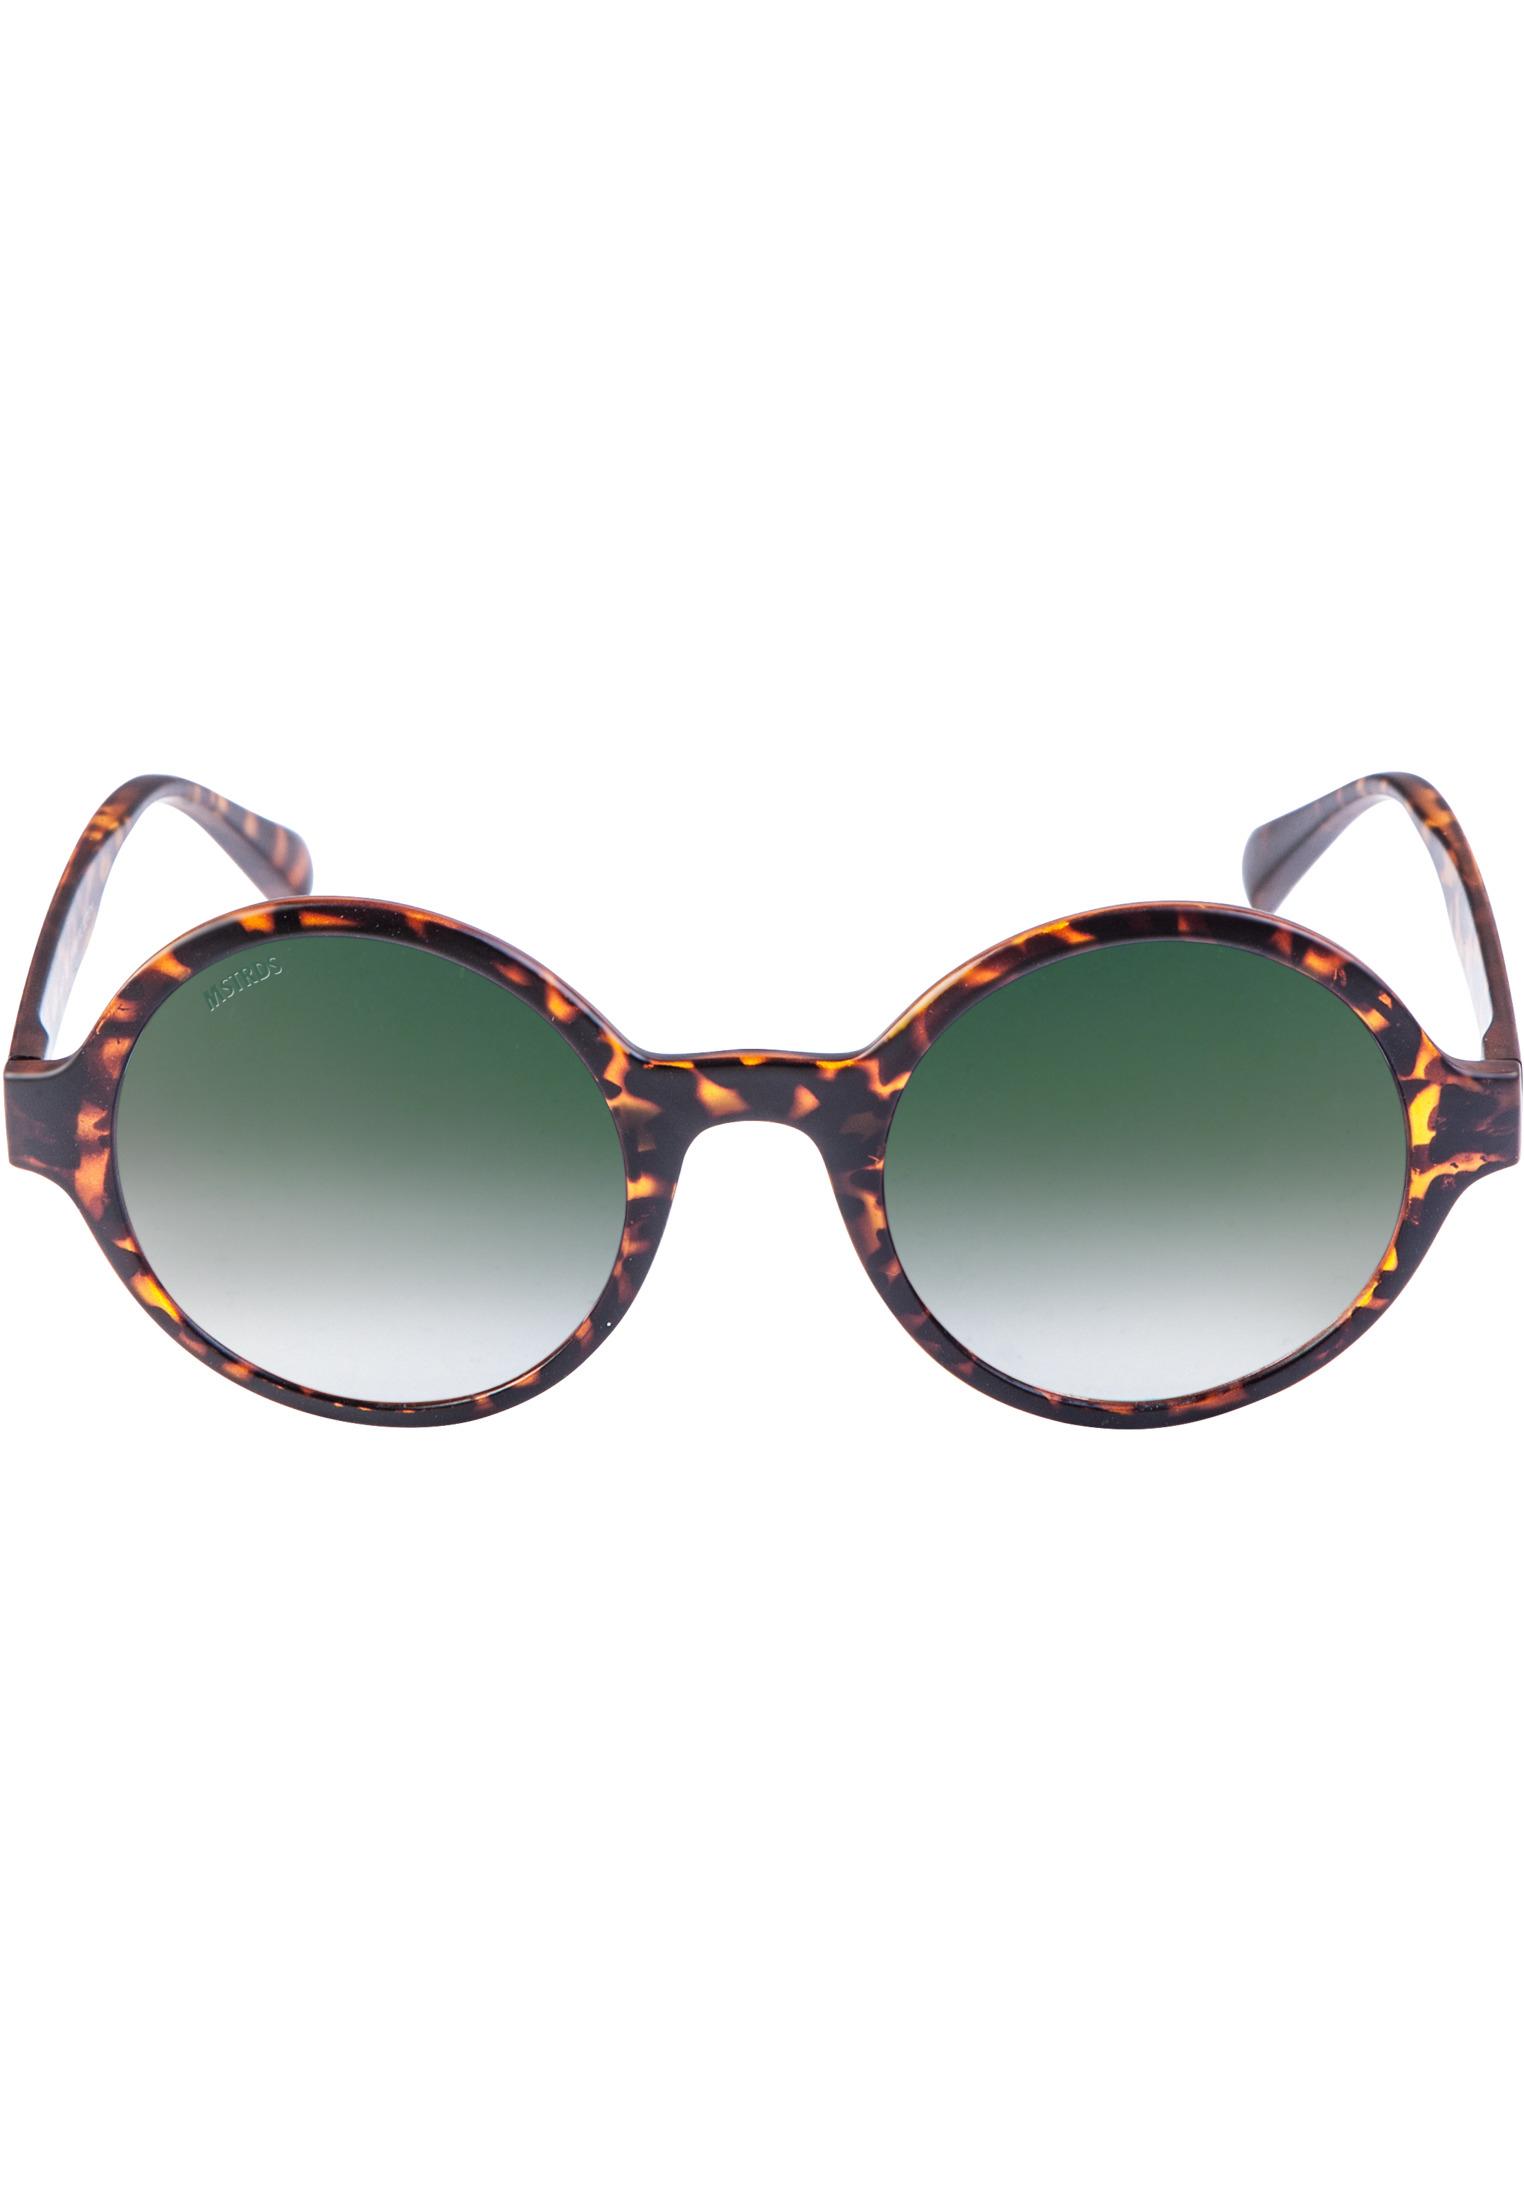 Master Dis Sunglasses Retro Funk havanna/green - One Size